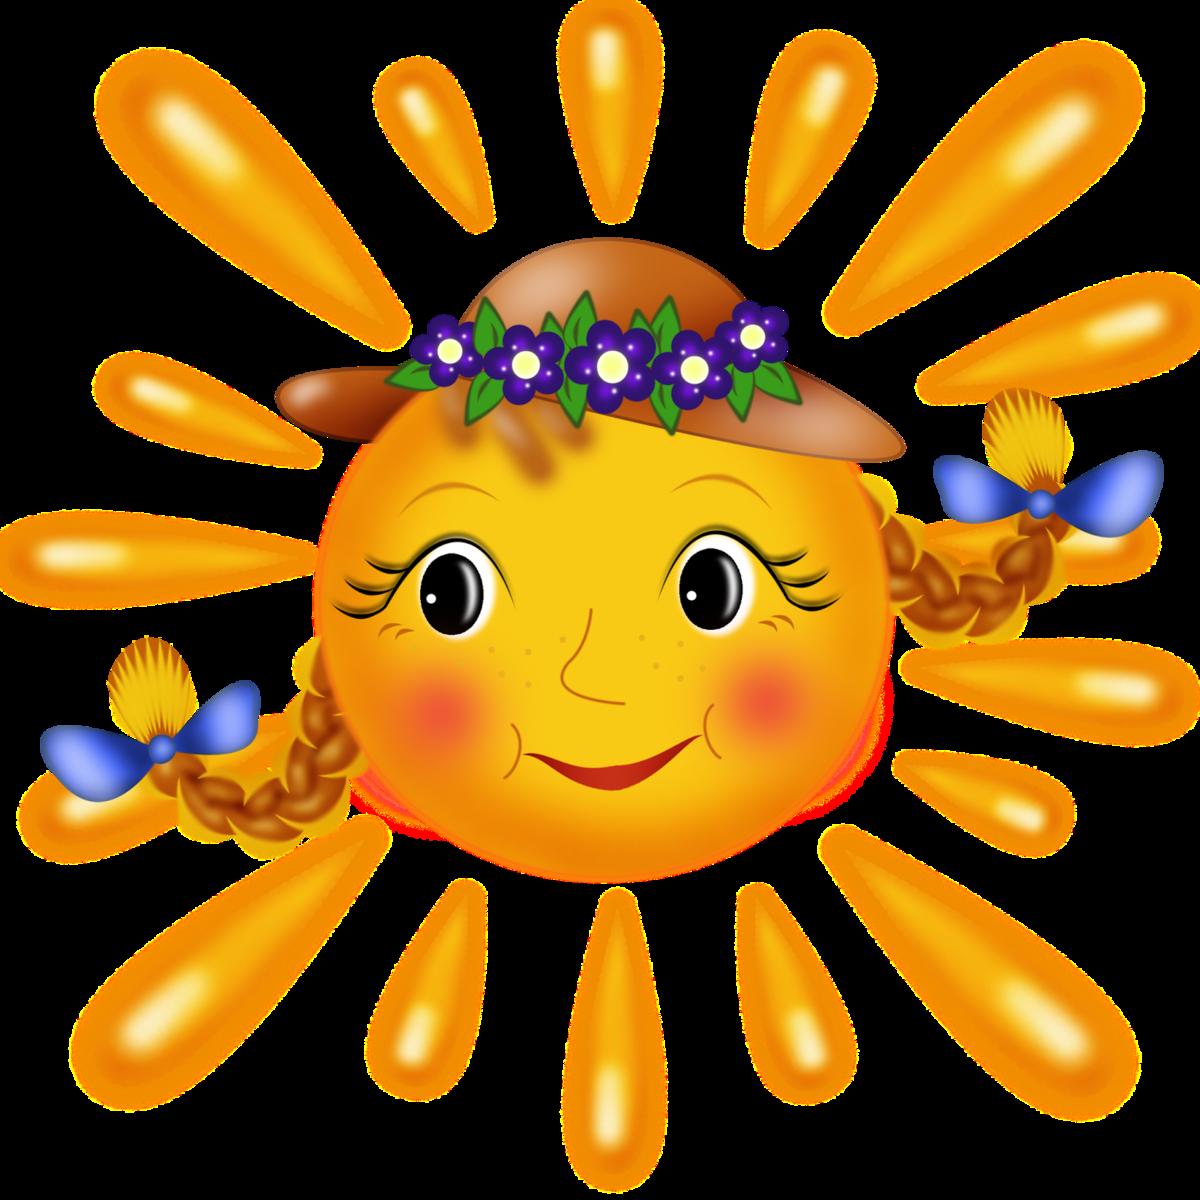 Доброе солнышко анимация картинка, днем рождения одноклассниках